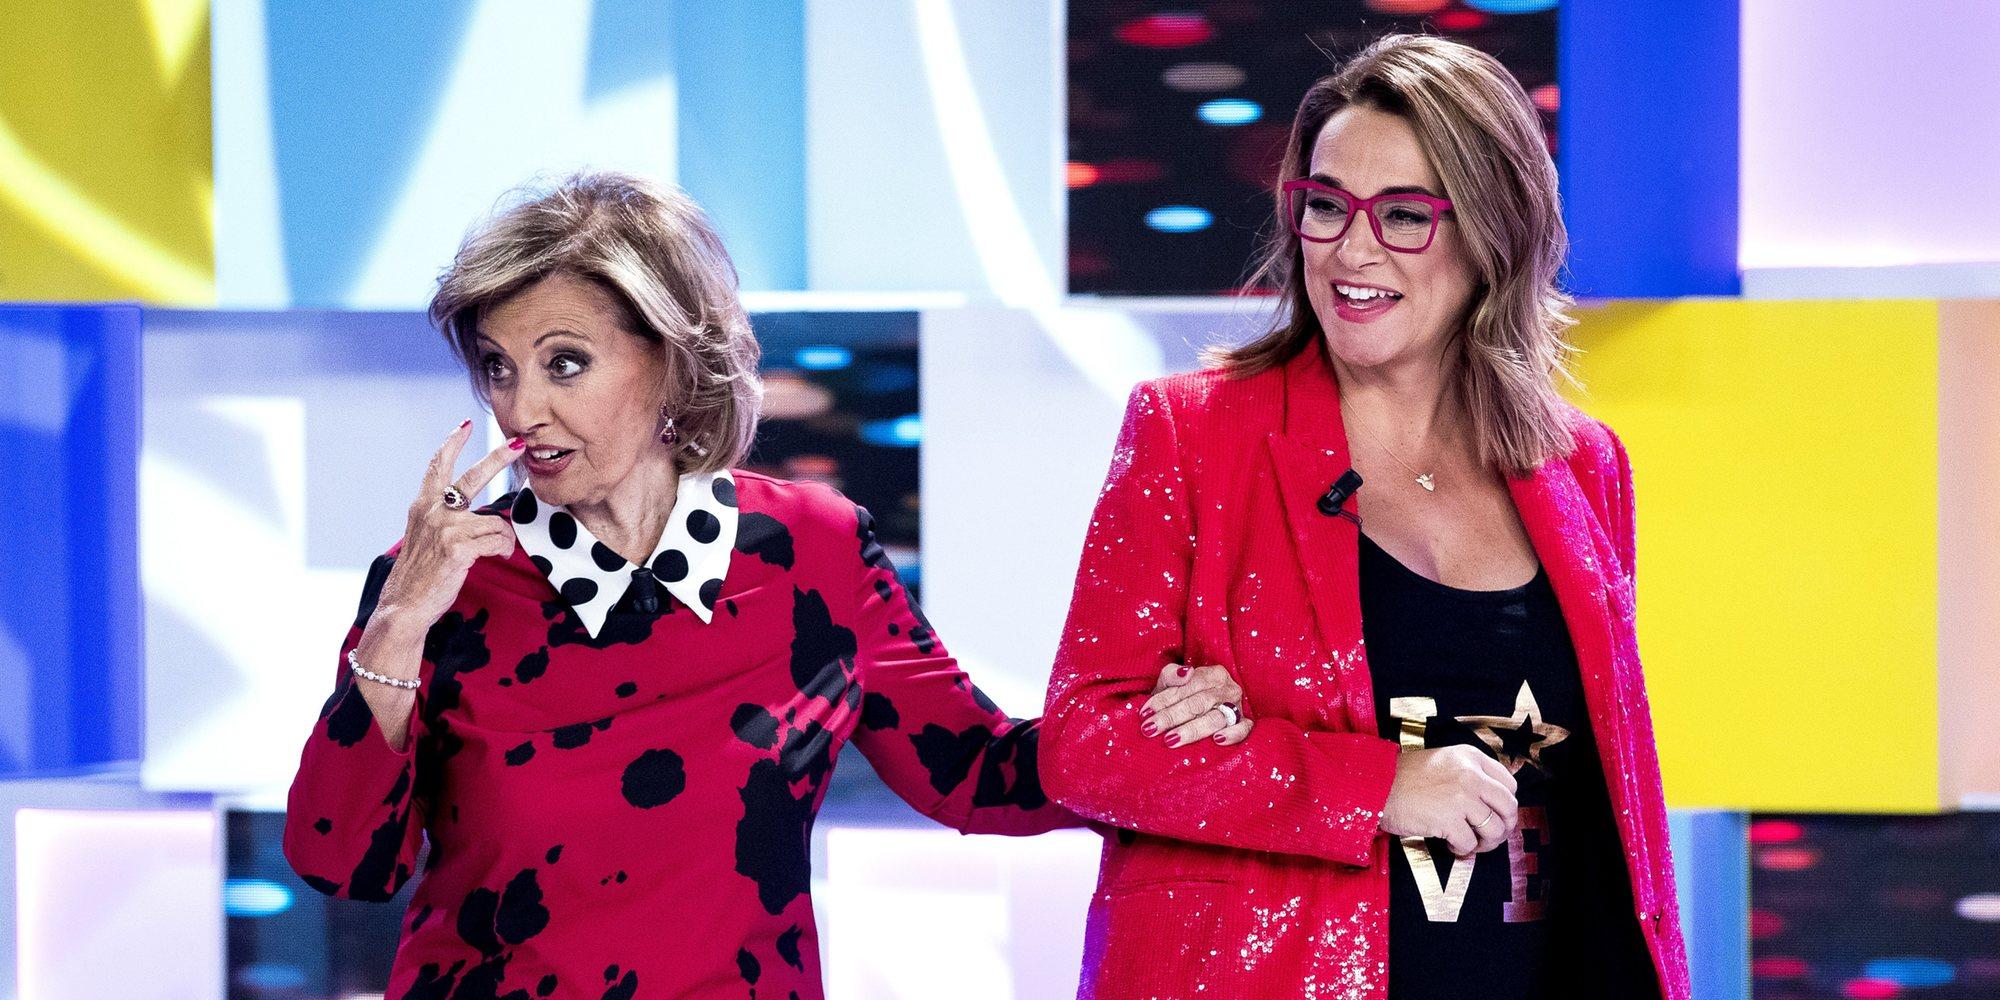 El tremendo susto de Toñi Moreno en 'MyHyV' al pensar que María Teresa Campos había muerto